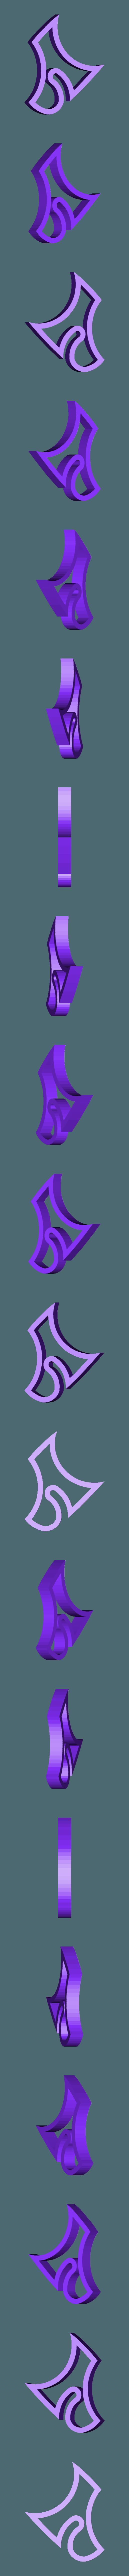 3_right_heart_rose.stl Télécharger fichier STL gratuit Coeur de Quilling imprimé en 3D • Modèle pour impression 3D, TanyaAkinora